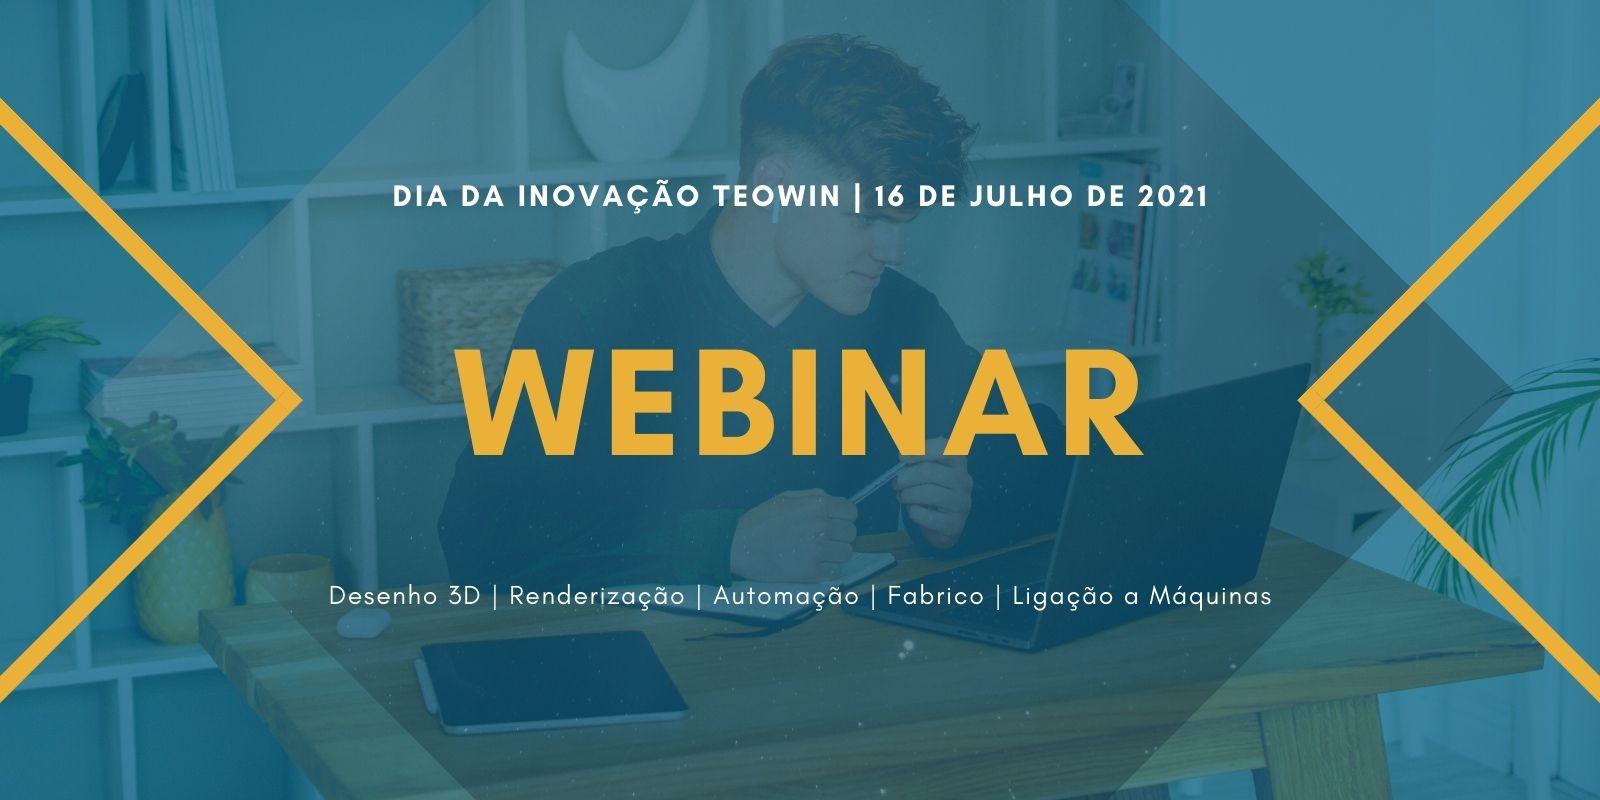 webinar-banner-dia-da-inovacao-teowin